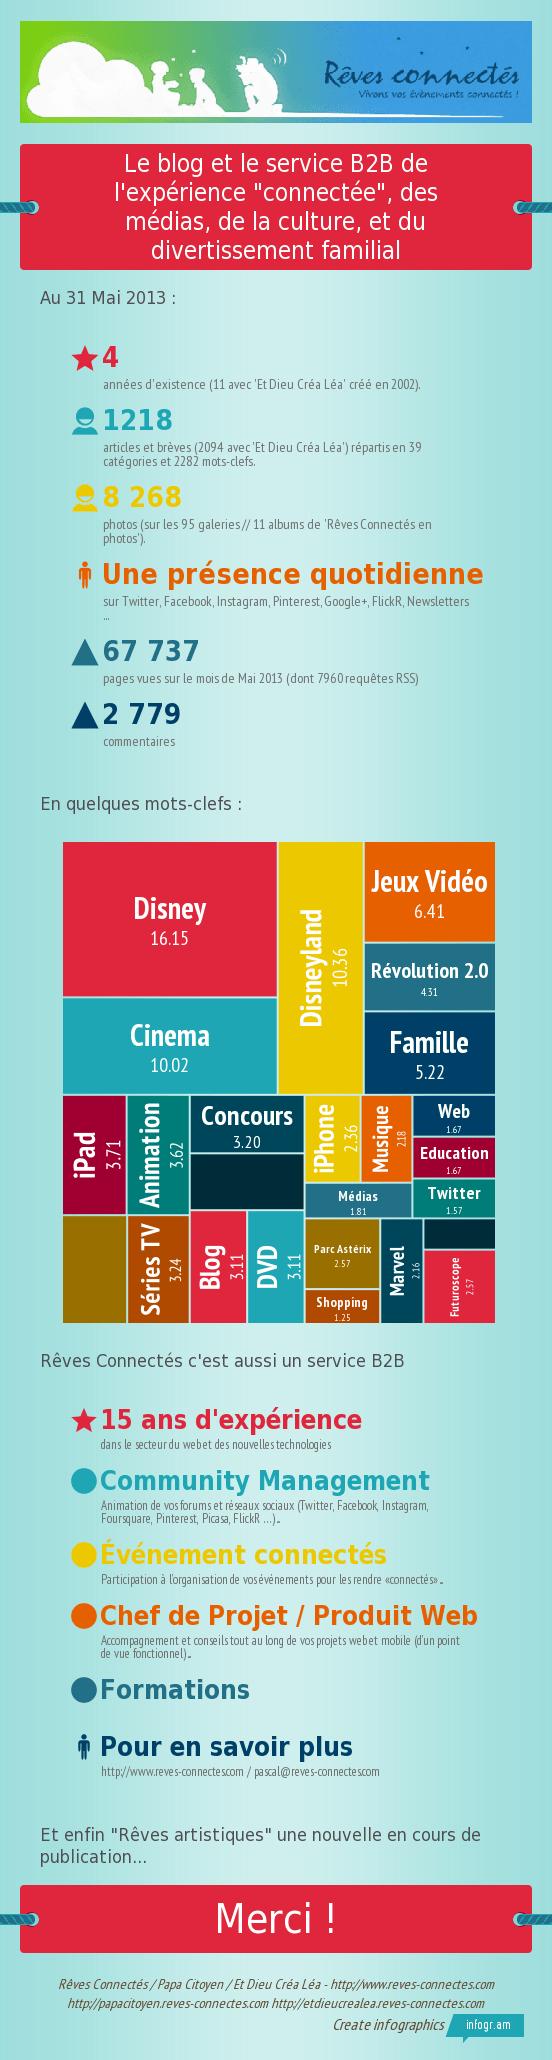 Infographie 4 ans Reves Connectes Papa Citoyen